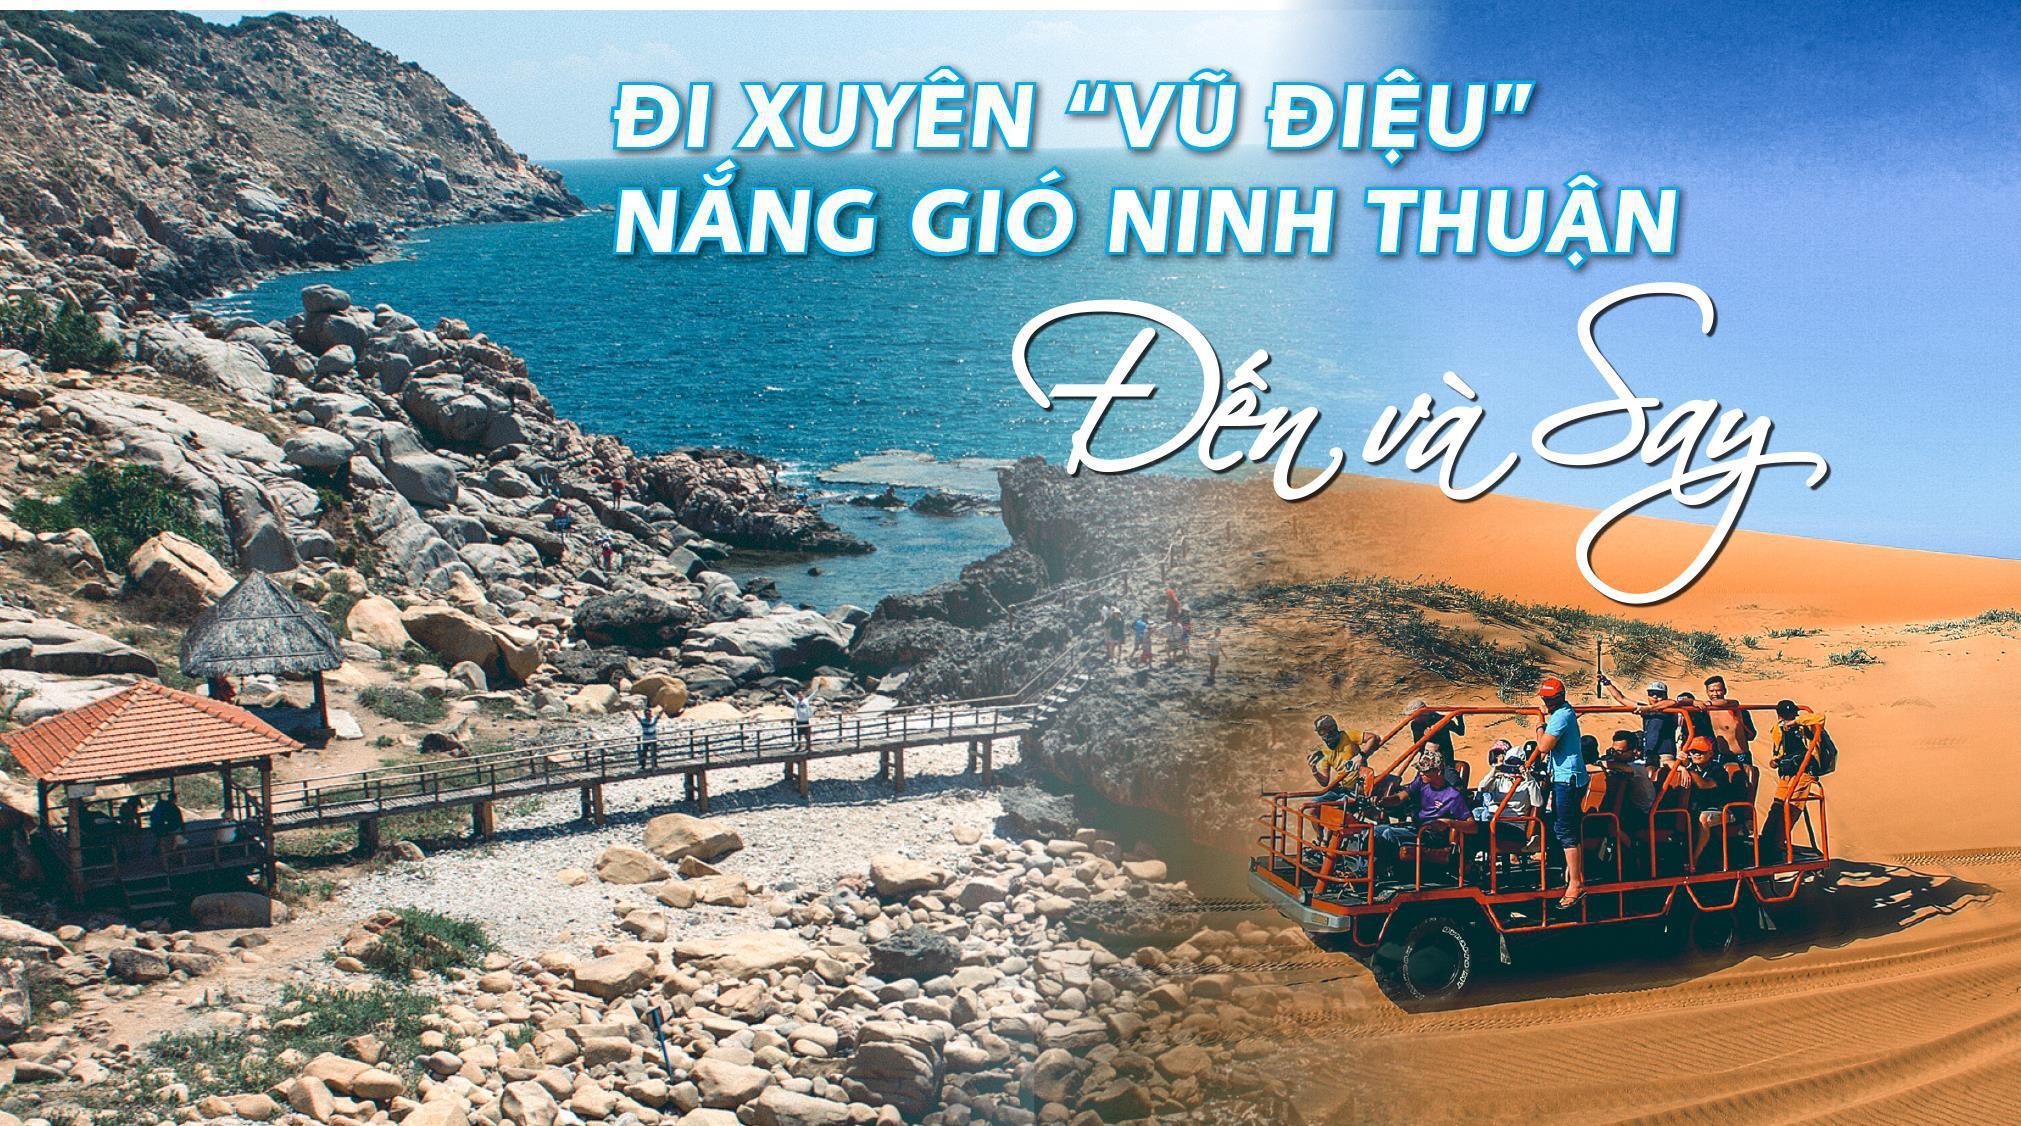 Hà Nội - Nha Trang - Mũi Né - Ninh Thuận 4 Ngày 3 Đêm Bay Vietnam Airlines